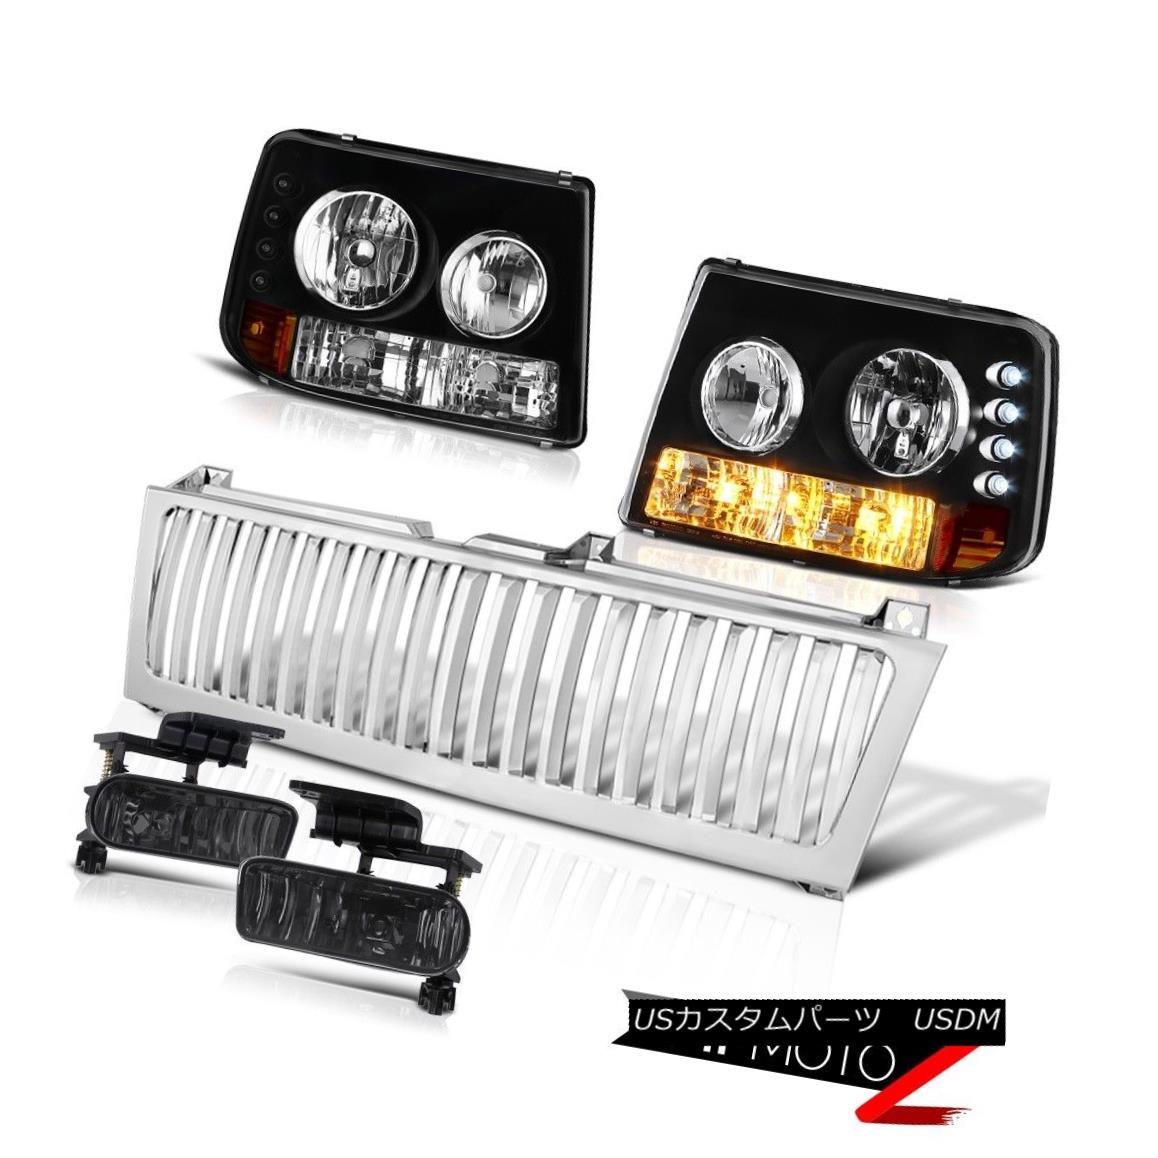 テールライト 00-06 Suburban 6.0L [Brightest] Headlights Lamps Bumper Smoke Fog Chrome Grille 00-06郊外6.0L [明るい]ヘッドランプランプバンパースモークフォグクロームグリル